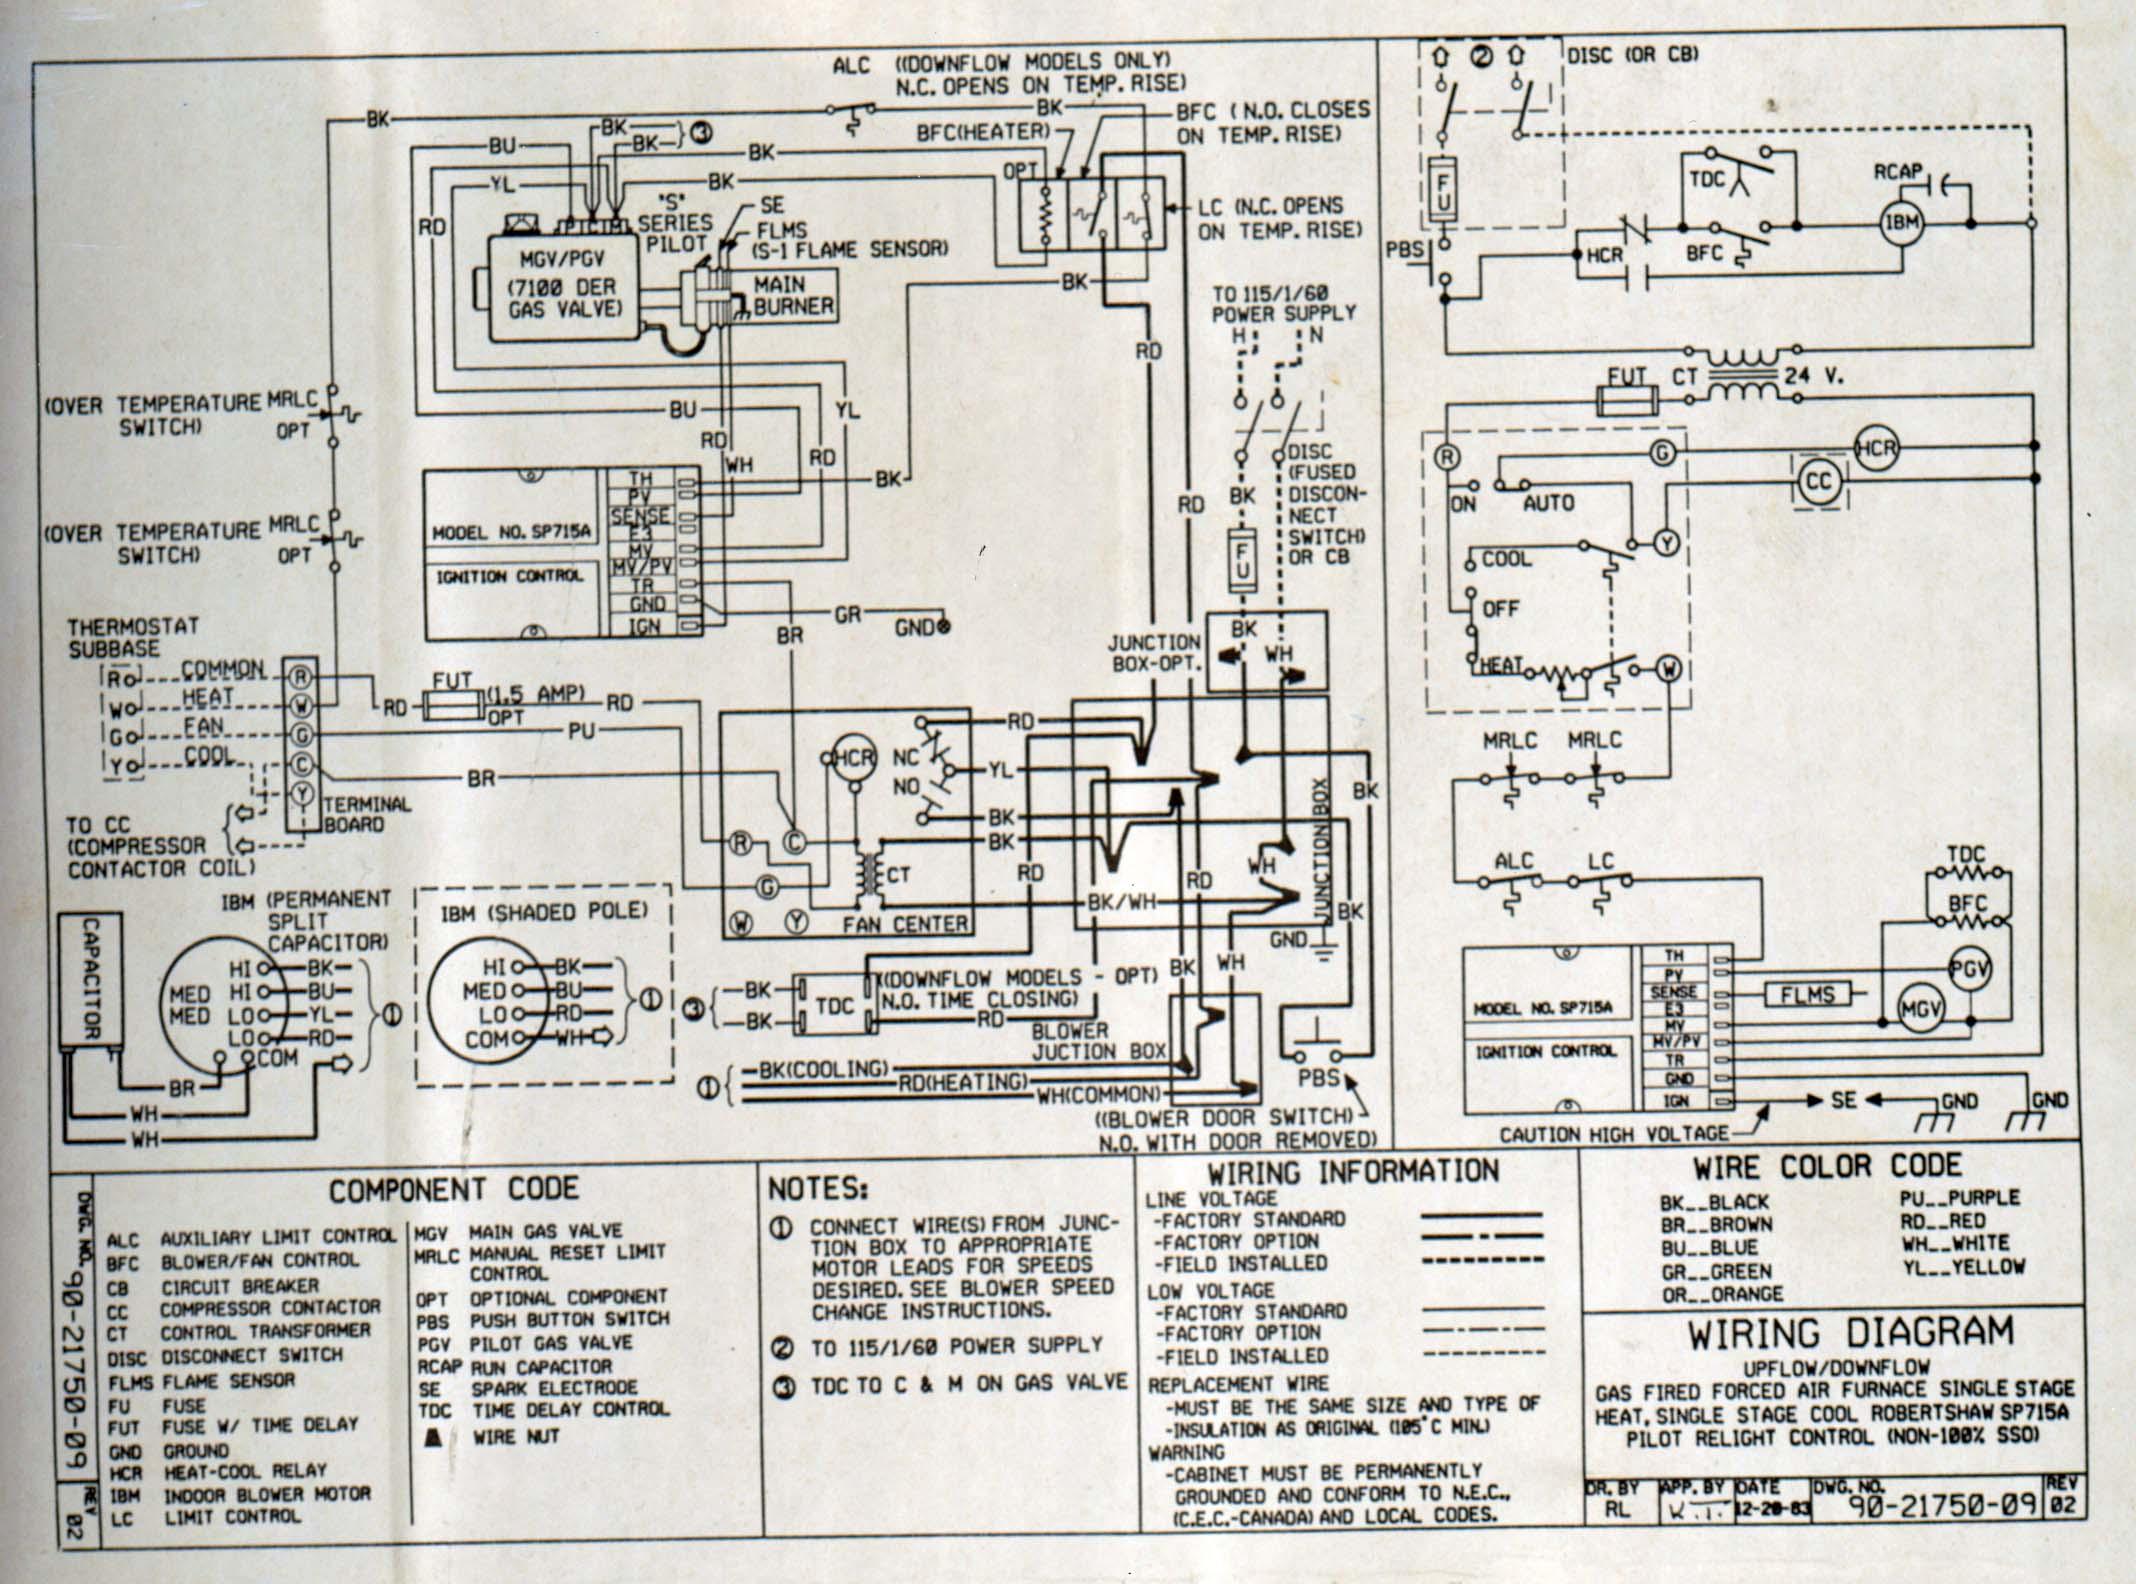 York Gas Furnace Wiring Diagram - Wiring Diagram Data Oreo - Furnace Wiring Diagram